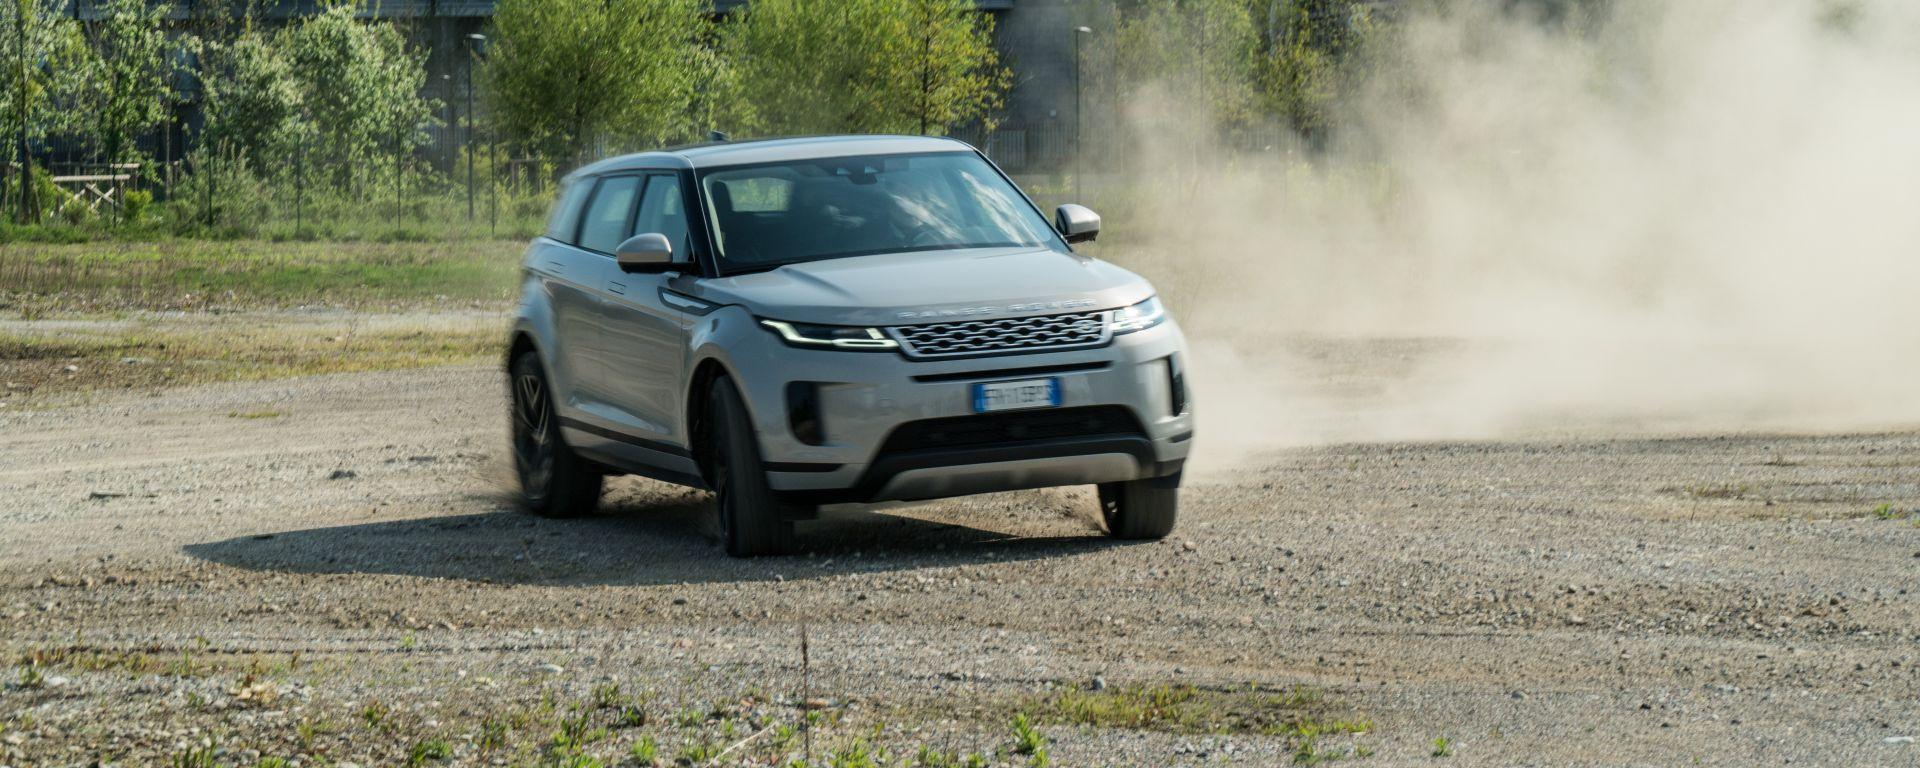 Land Rover Range Rover Evoque 2020, la prova di MotorBox